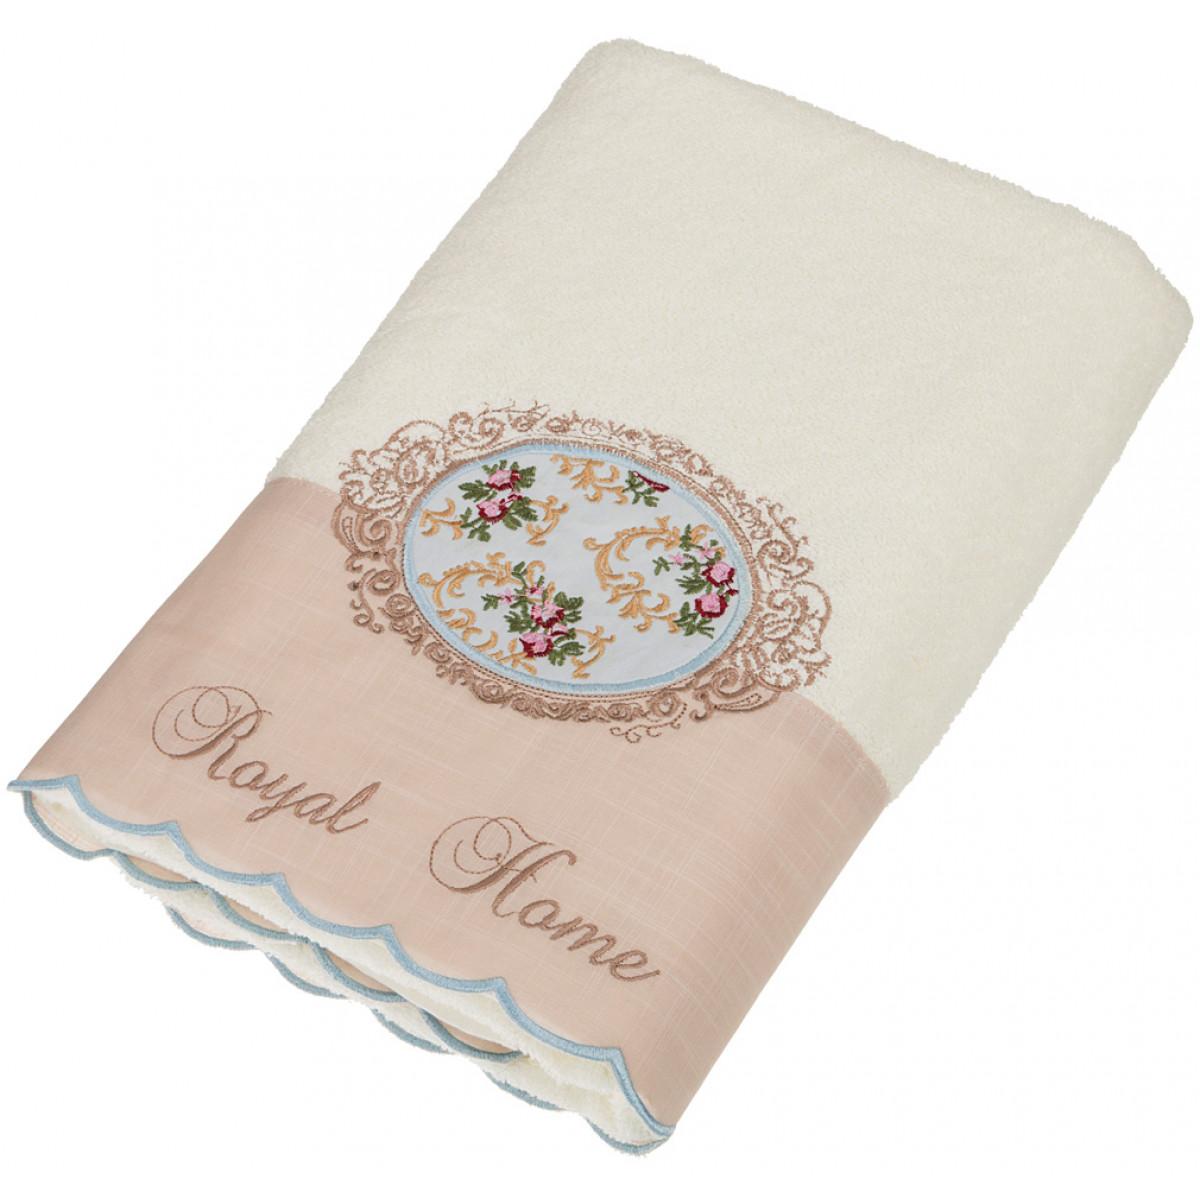 Полотенца Santalino Полотенце Abigall (50х90 см) полотенце для лица арти м 50х90 см 840 06